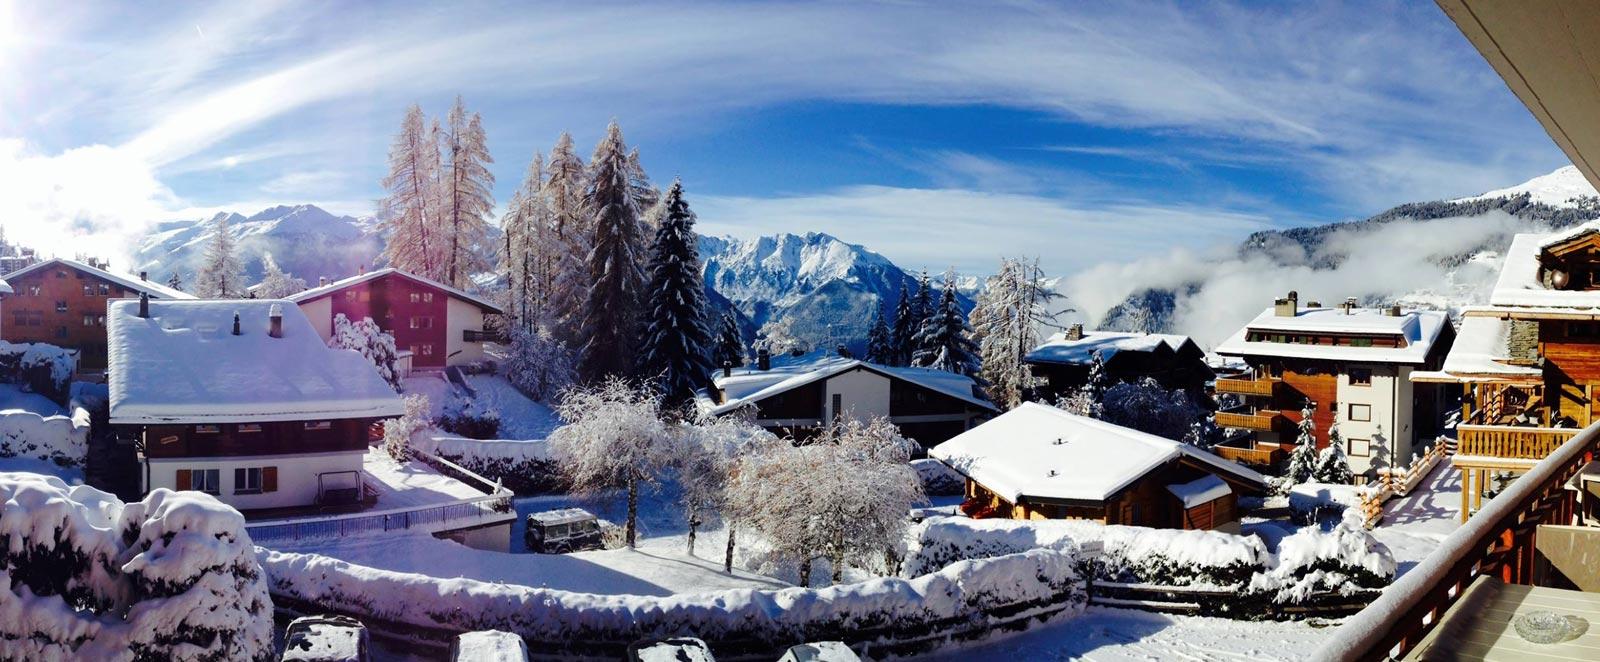 chalet-flore_verbier-suisse